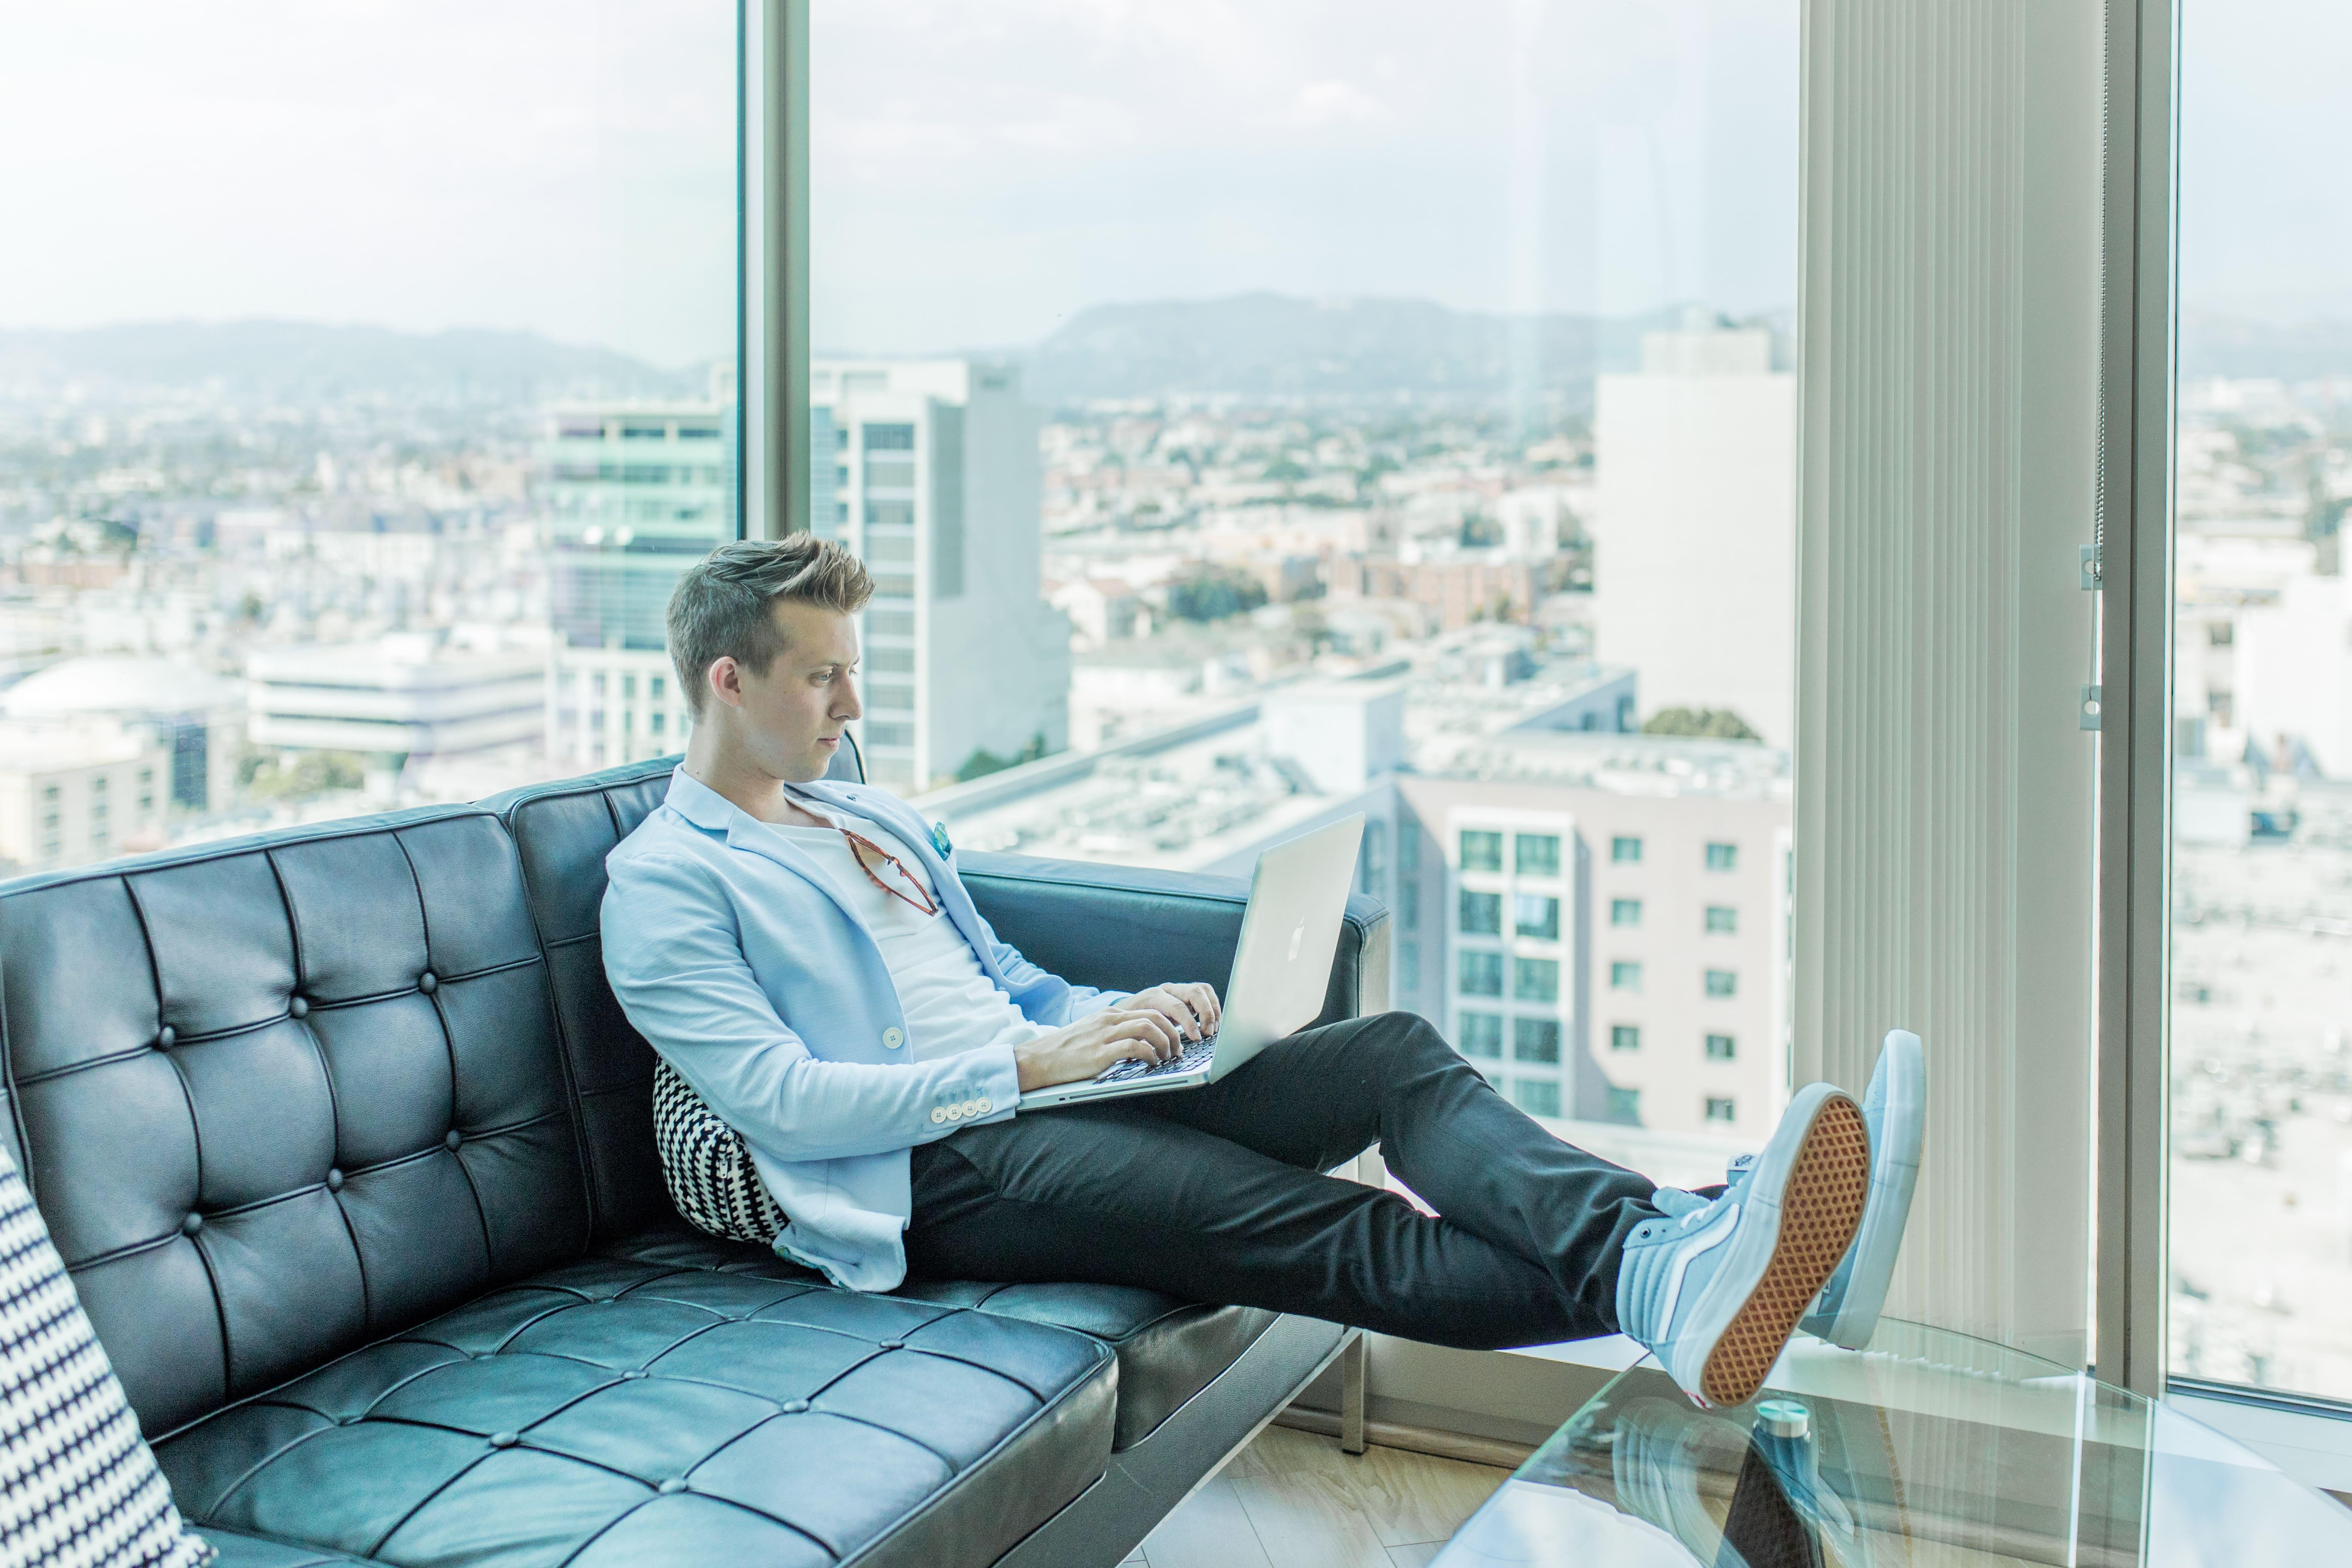 高層ビルで仕事をする男性